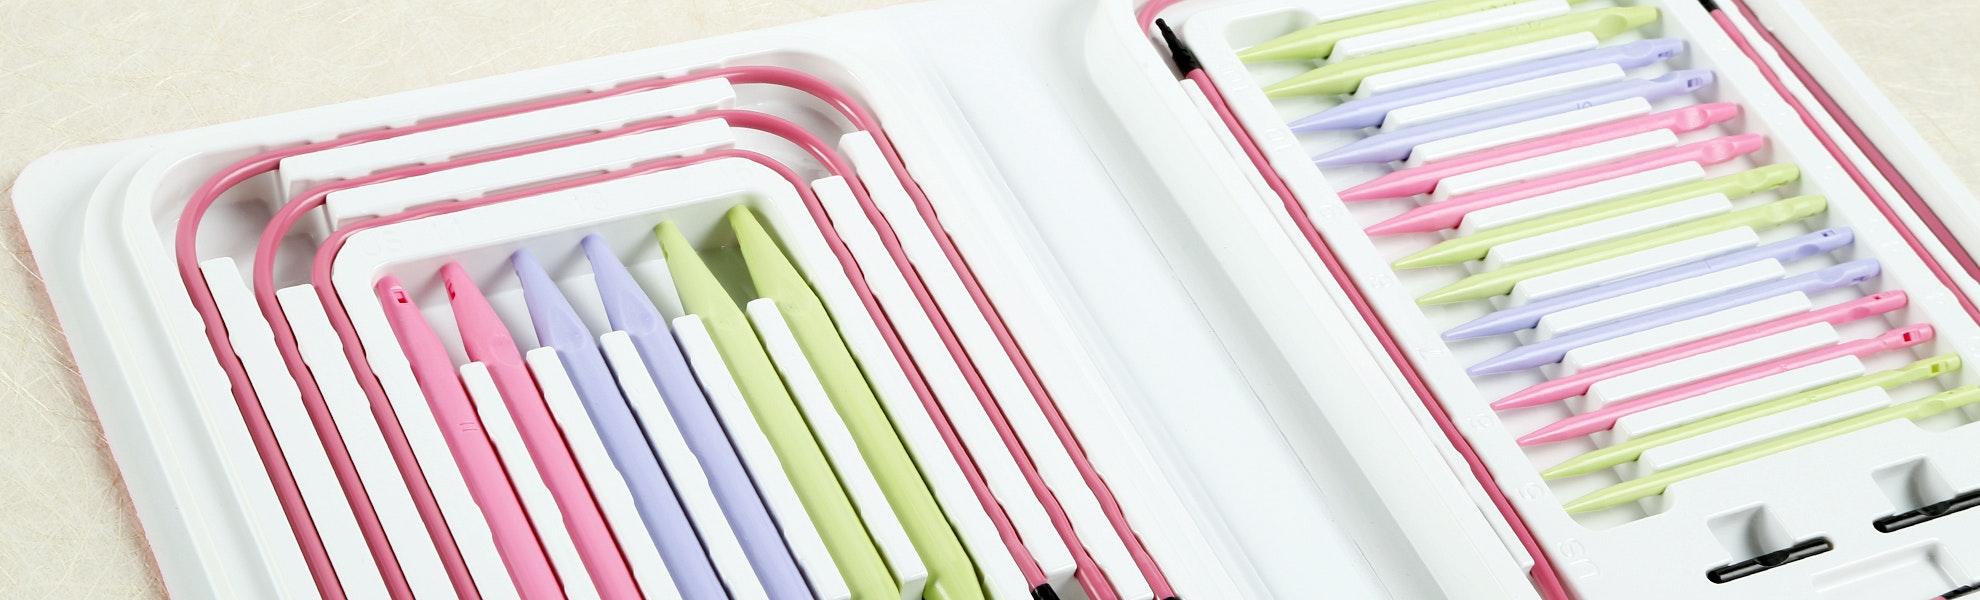 Denise Interchangeable Knitting Needles